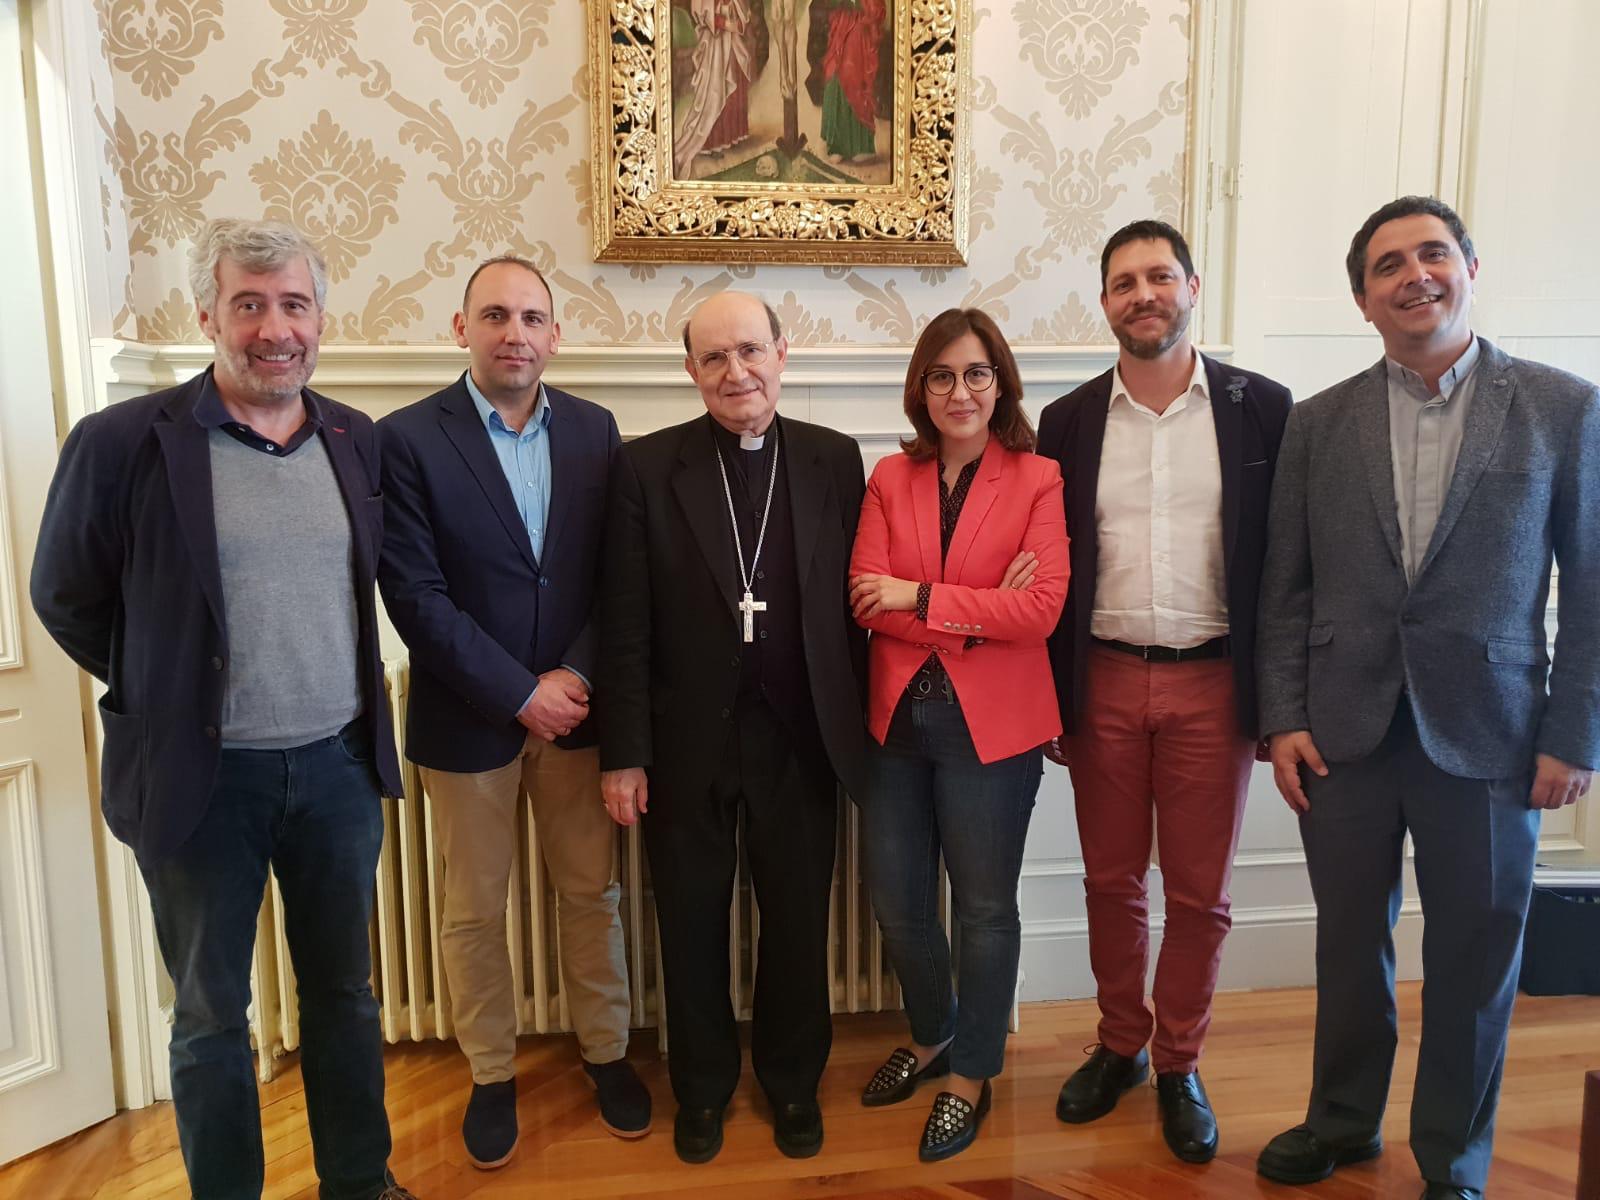 Ignacio, segundo por la derecha, junto al arzobispo y el equipo directivo de Cáritas. Juan José (segundo por la izquierda) ha sido secretario los últimos ocho años.